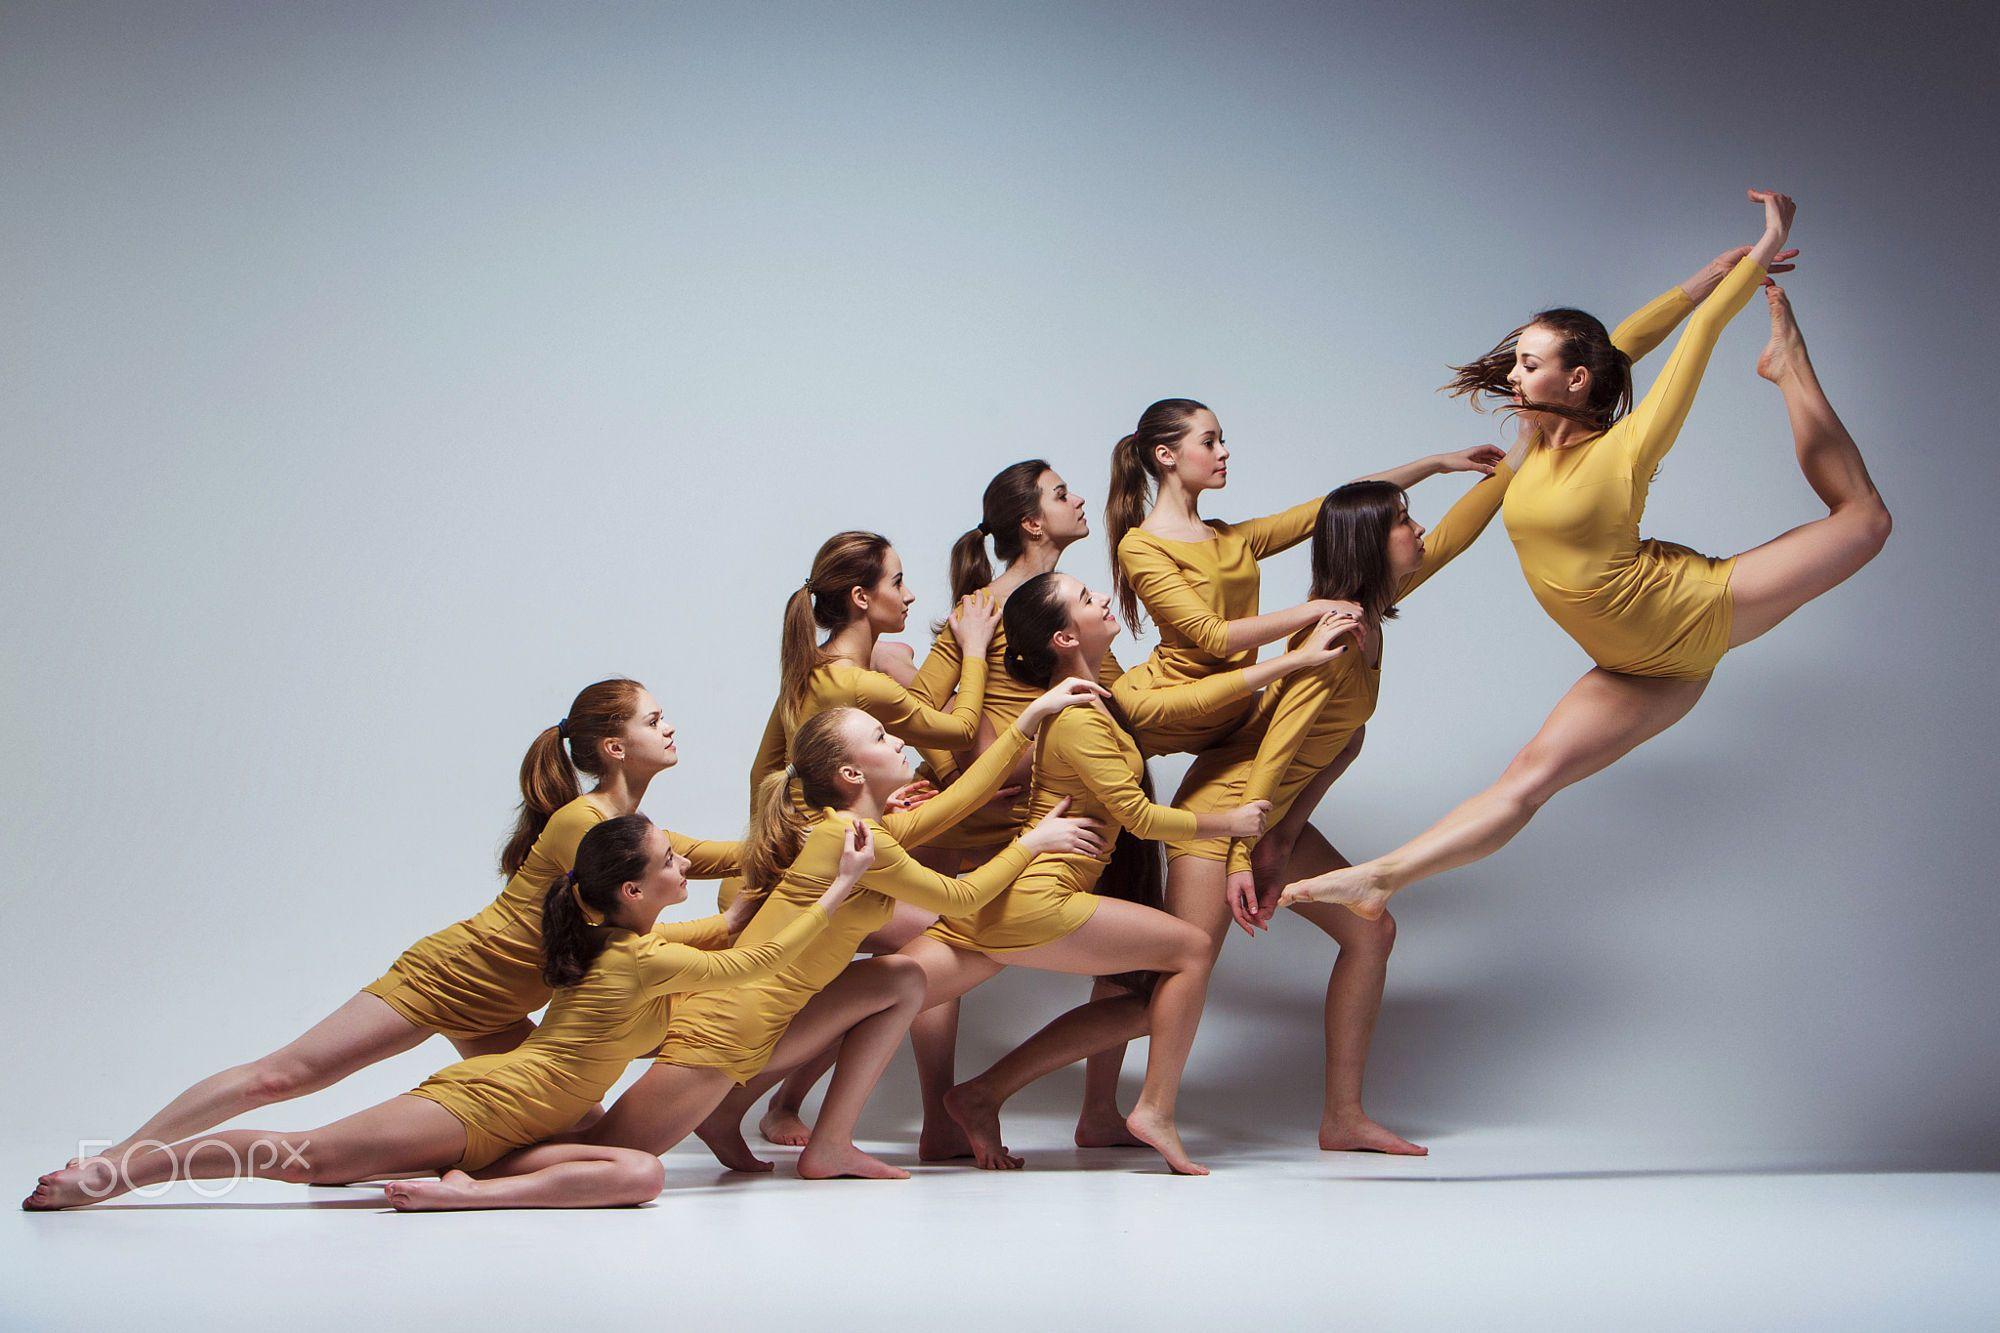 кузов, комфортный позы для фотографии танцевальным коллективом правильно сделал, жиробасом